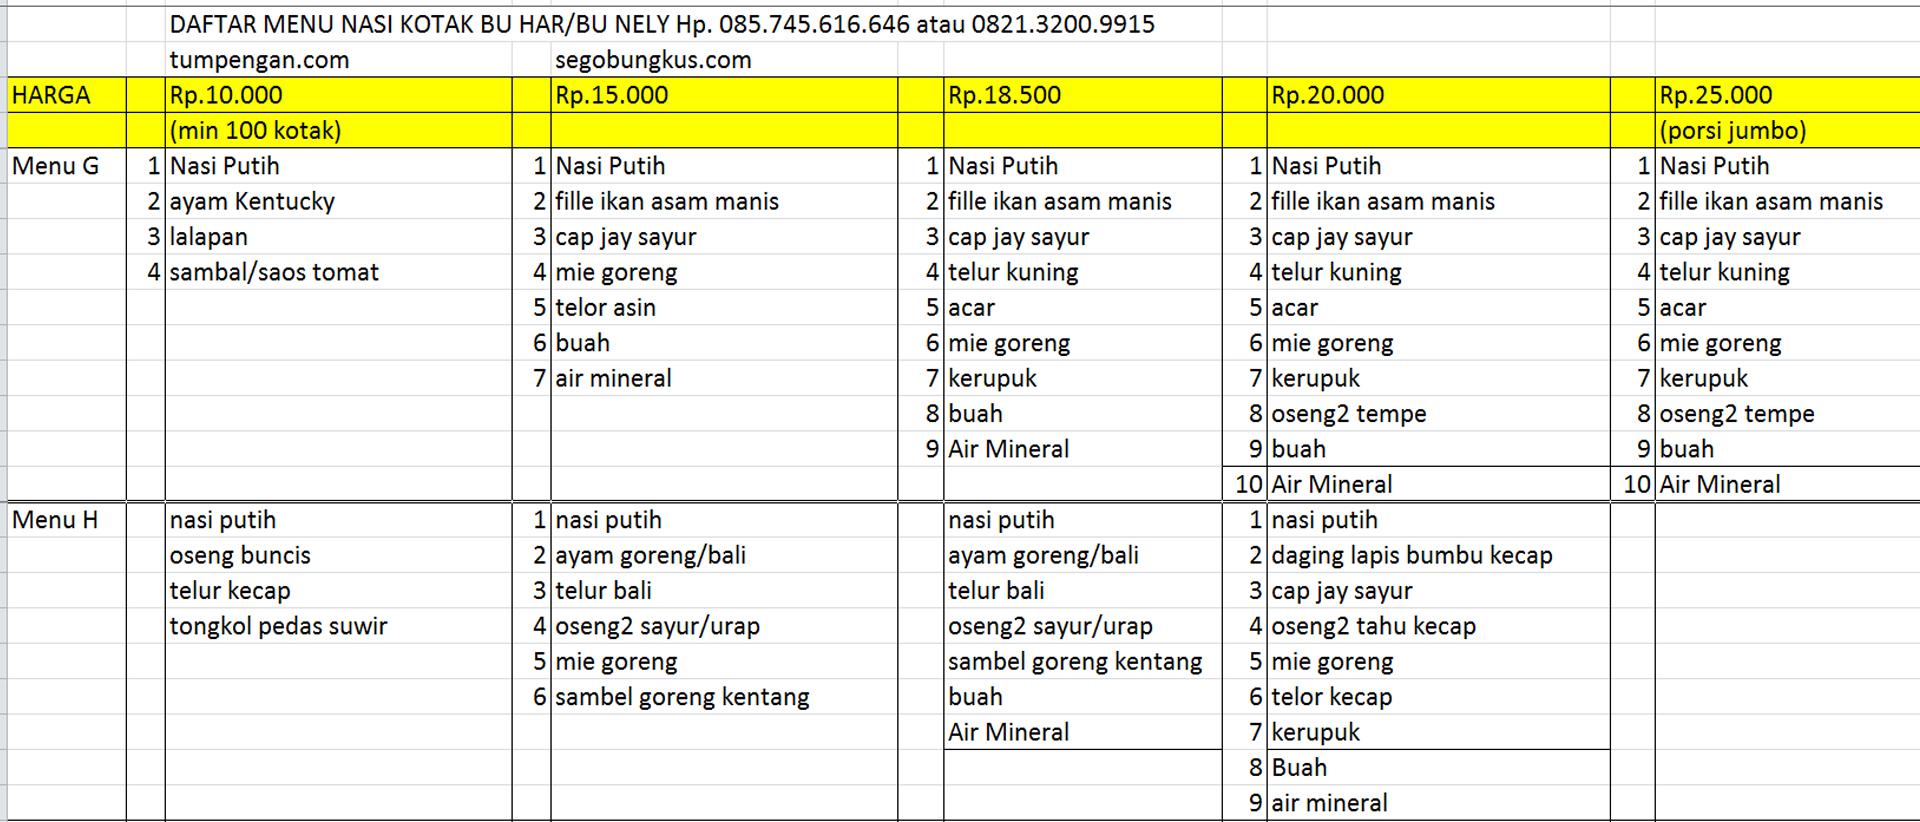 Pesan Nasi kotak Surabaya